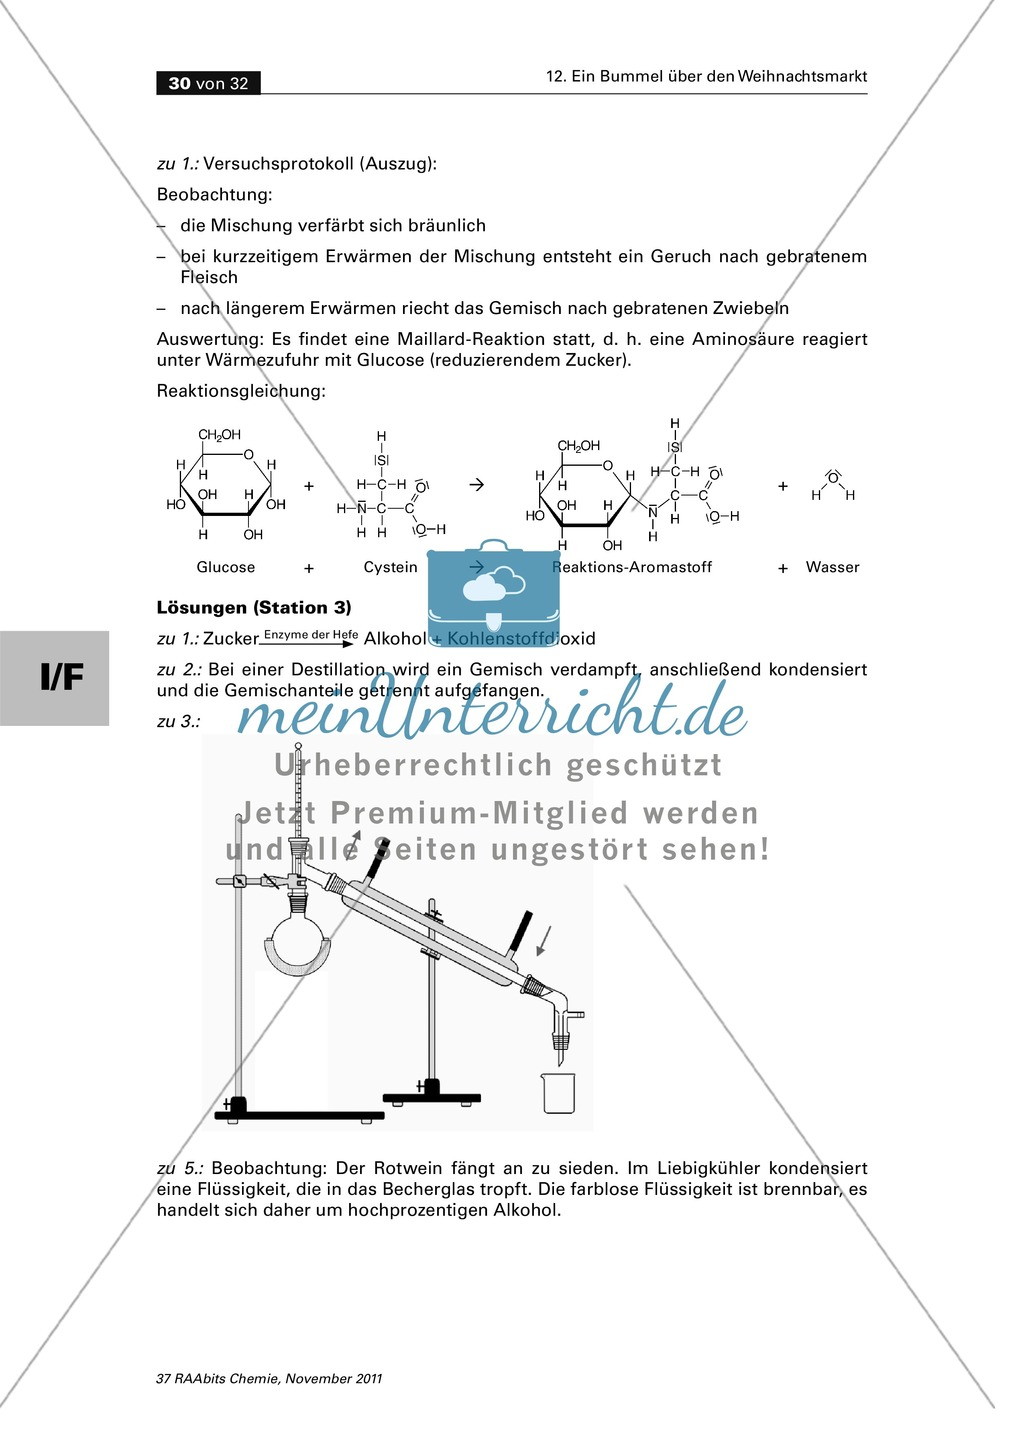 Organische Chemie an Stationen - Bummel über den Weihnachtsmarkt Preview 27